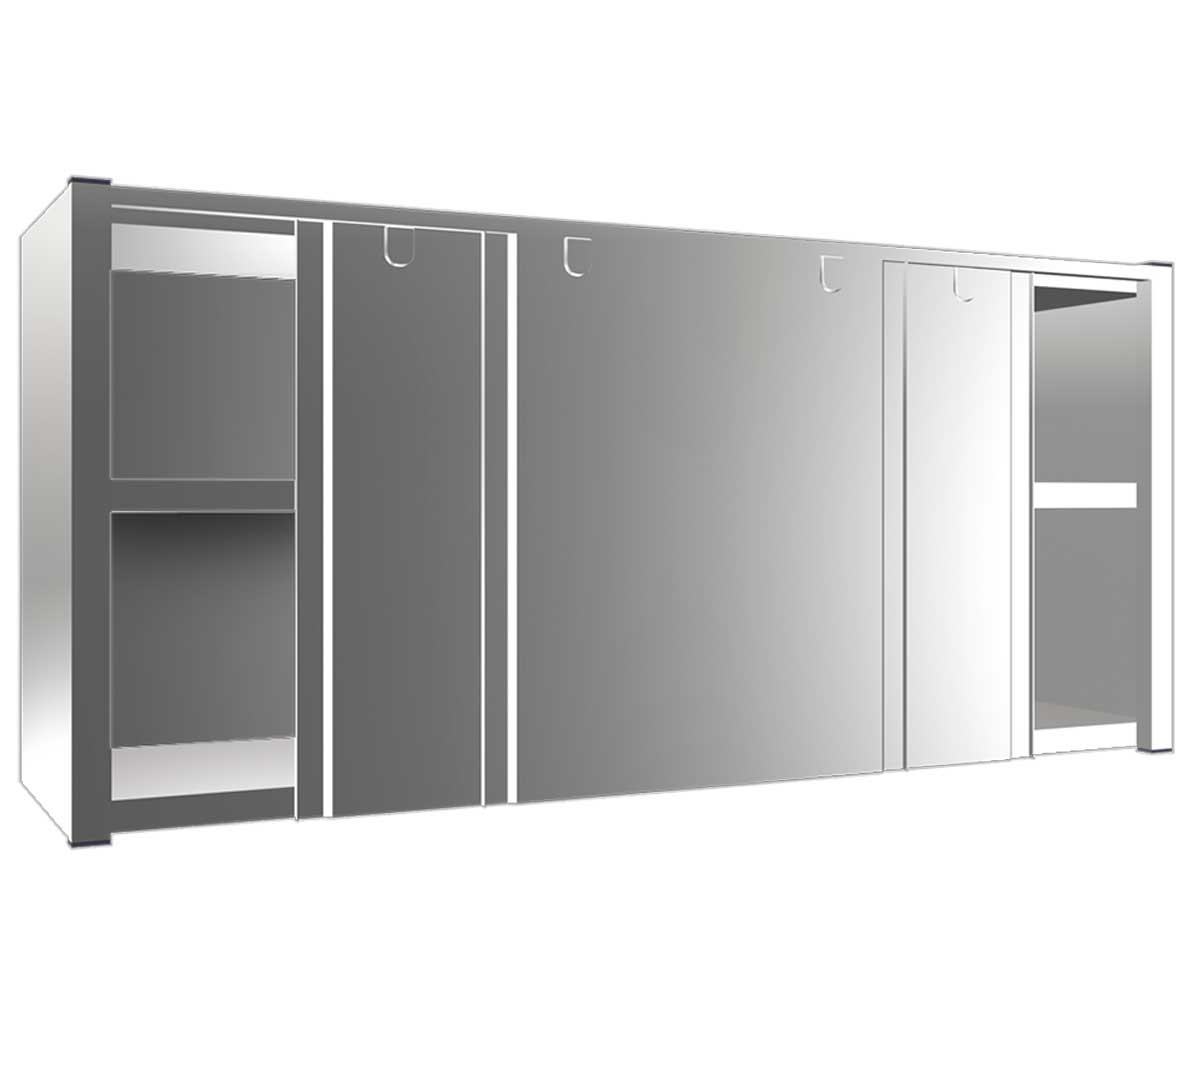 Armario de puertas correderas fricosmos for Armario cocina puertas correderas